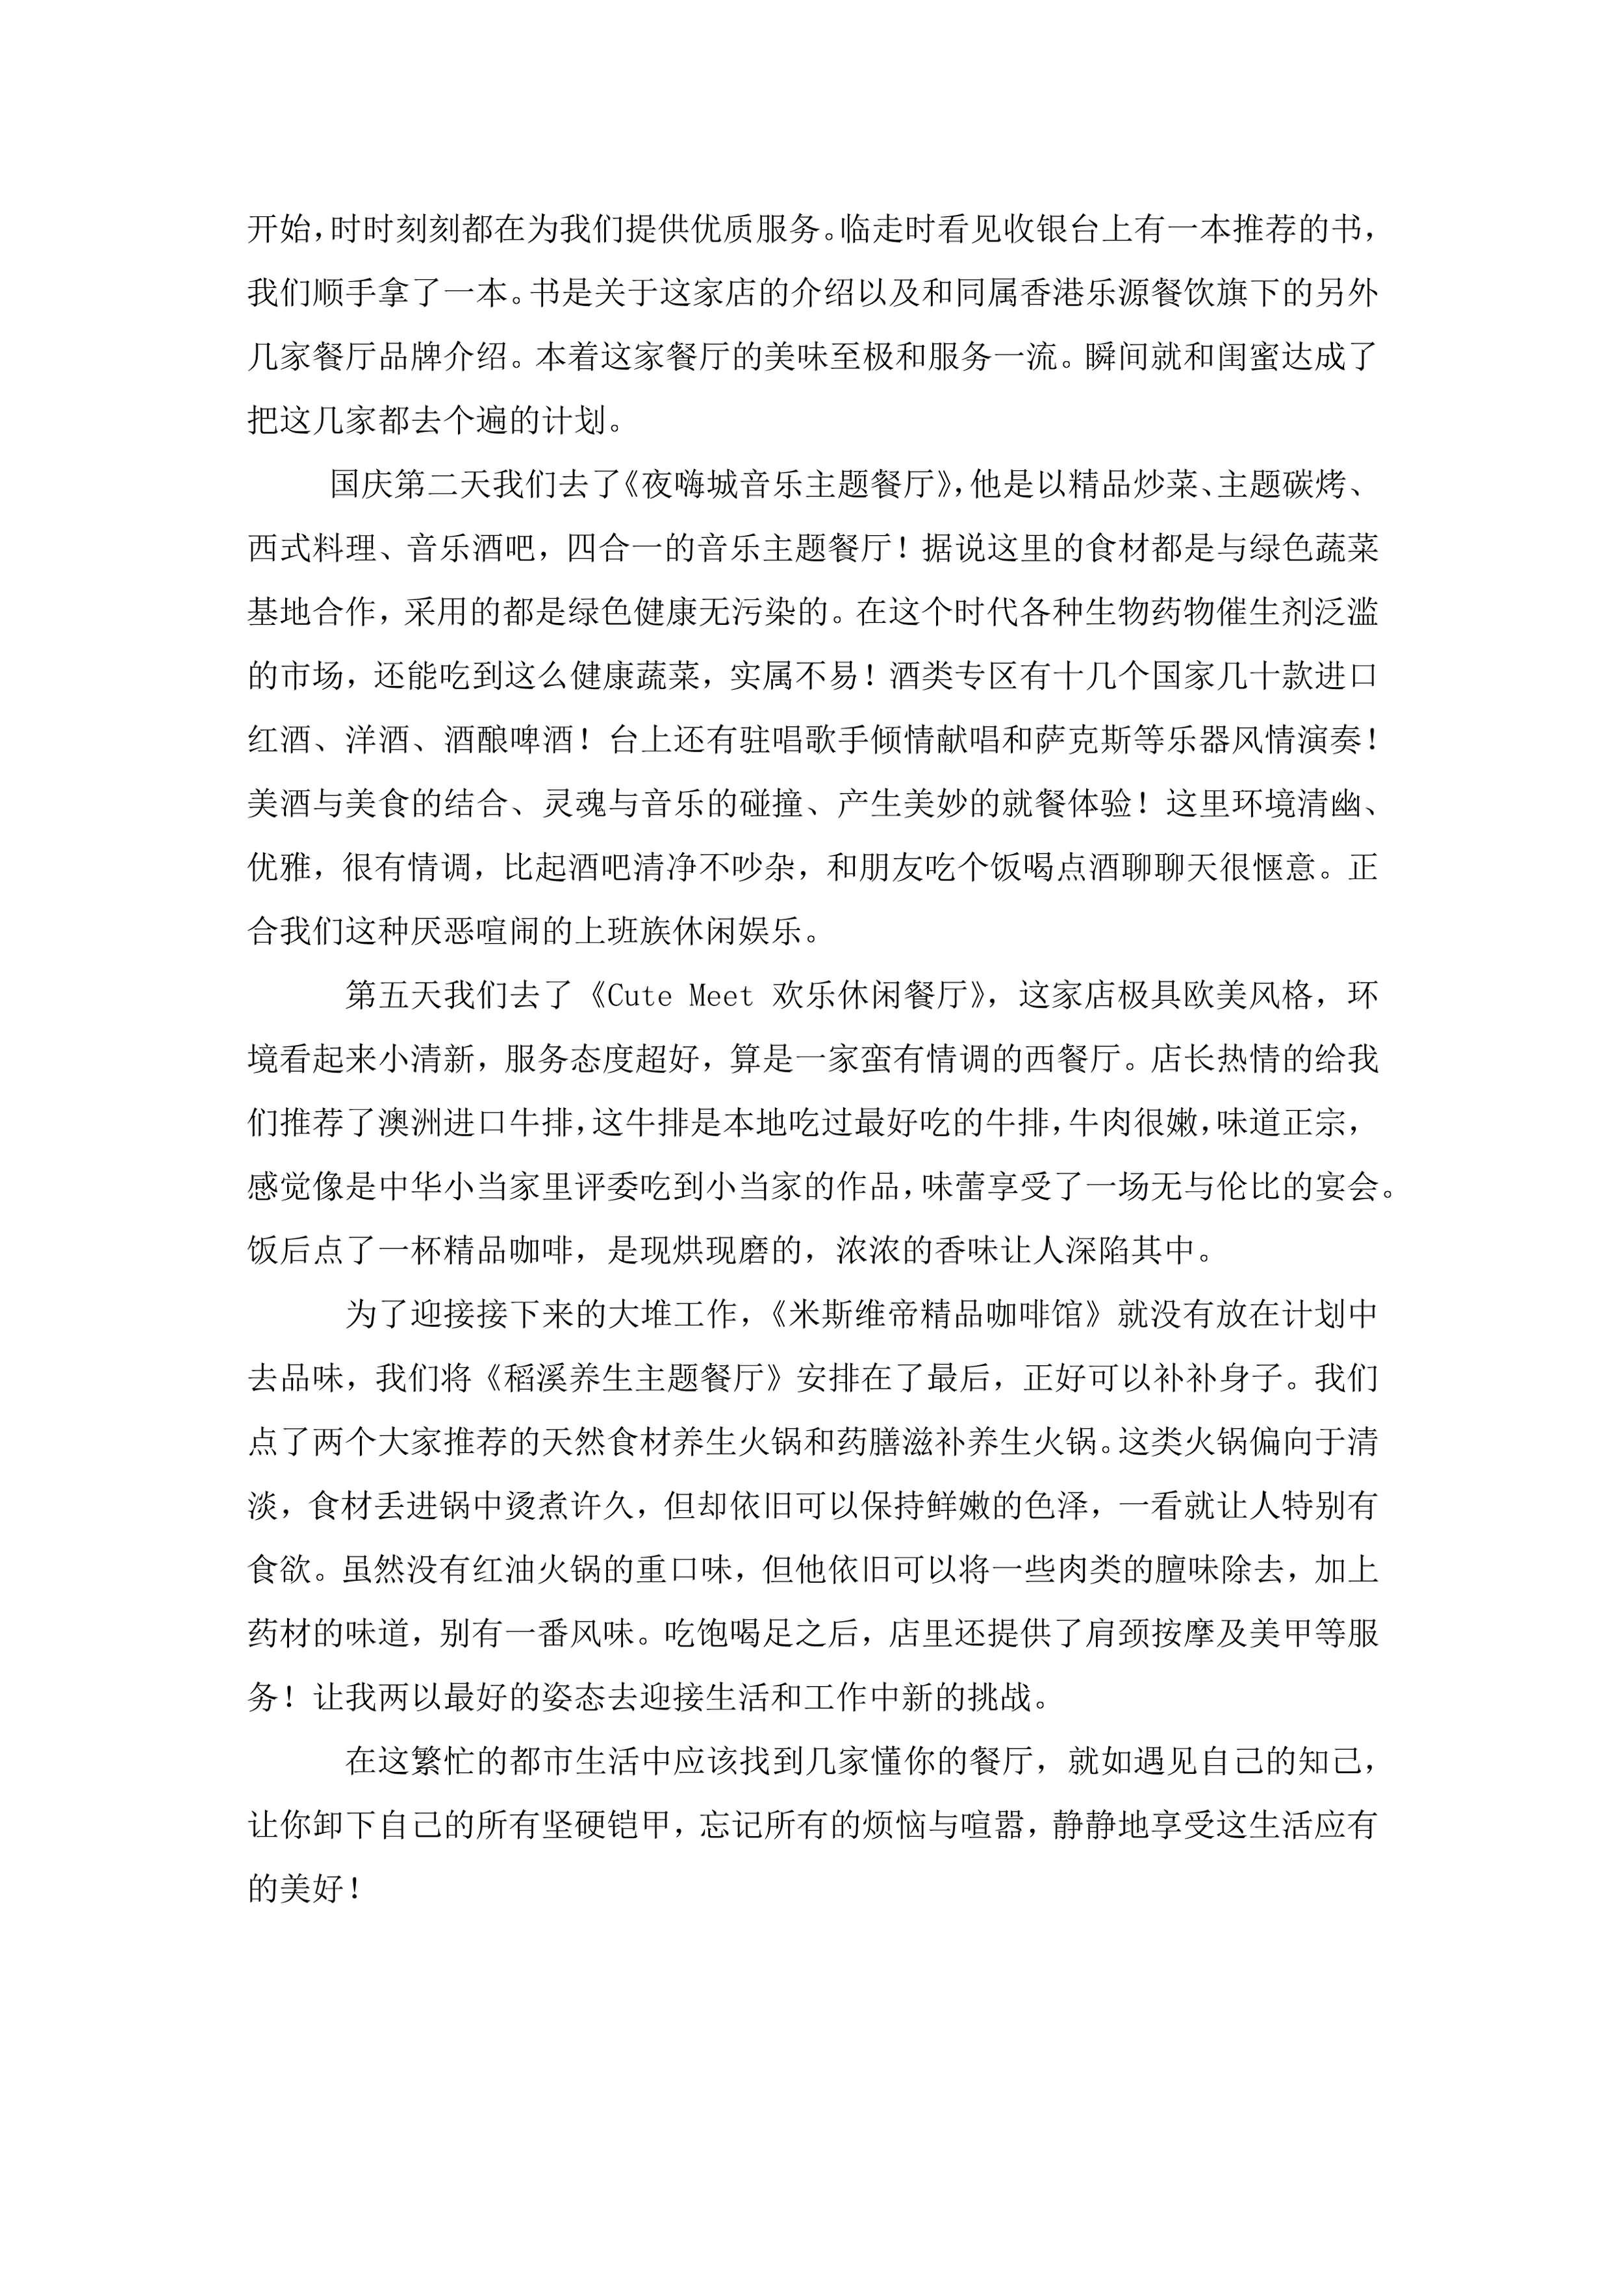 香港乐源餐饮集团有限公司6